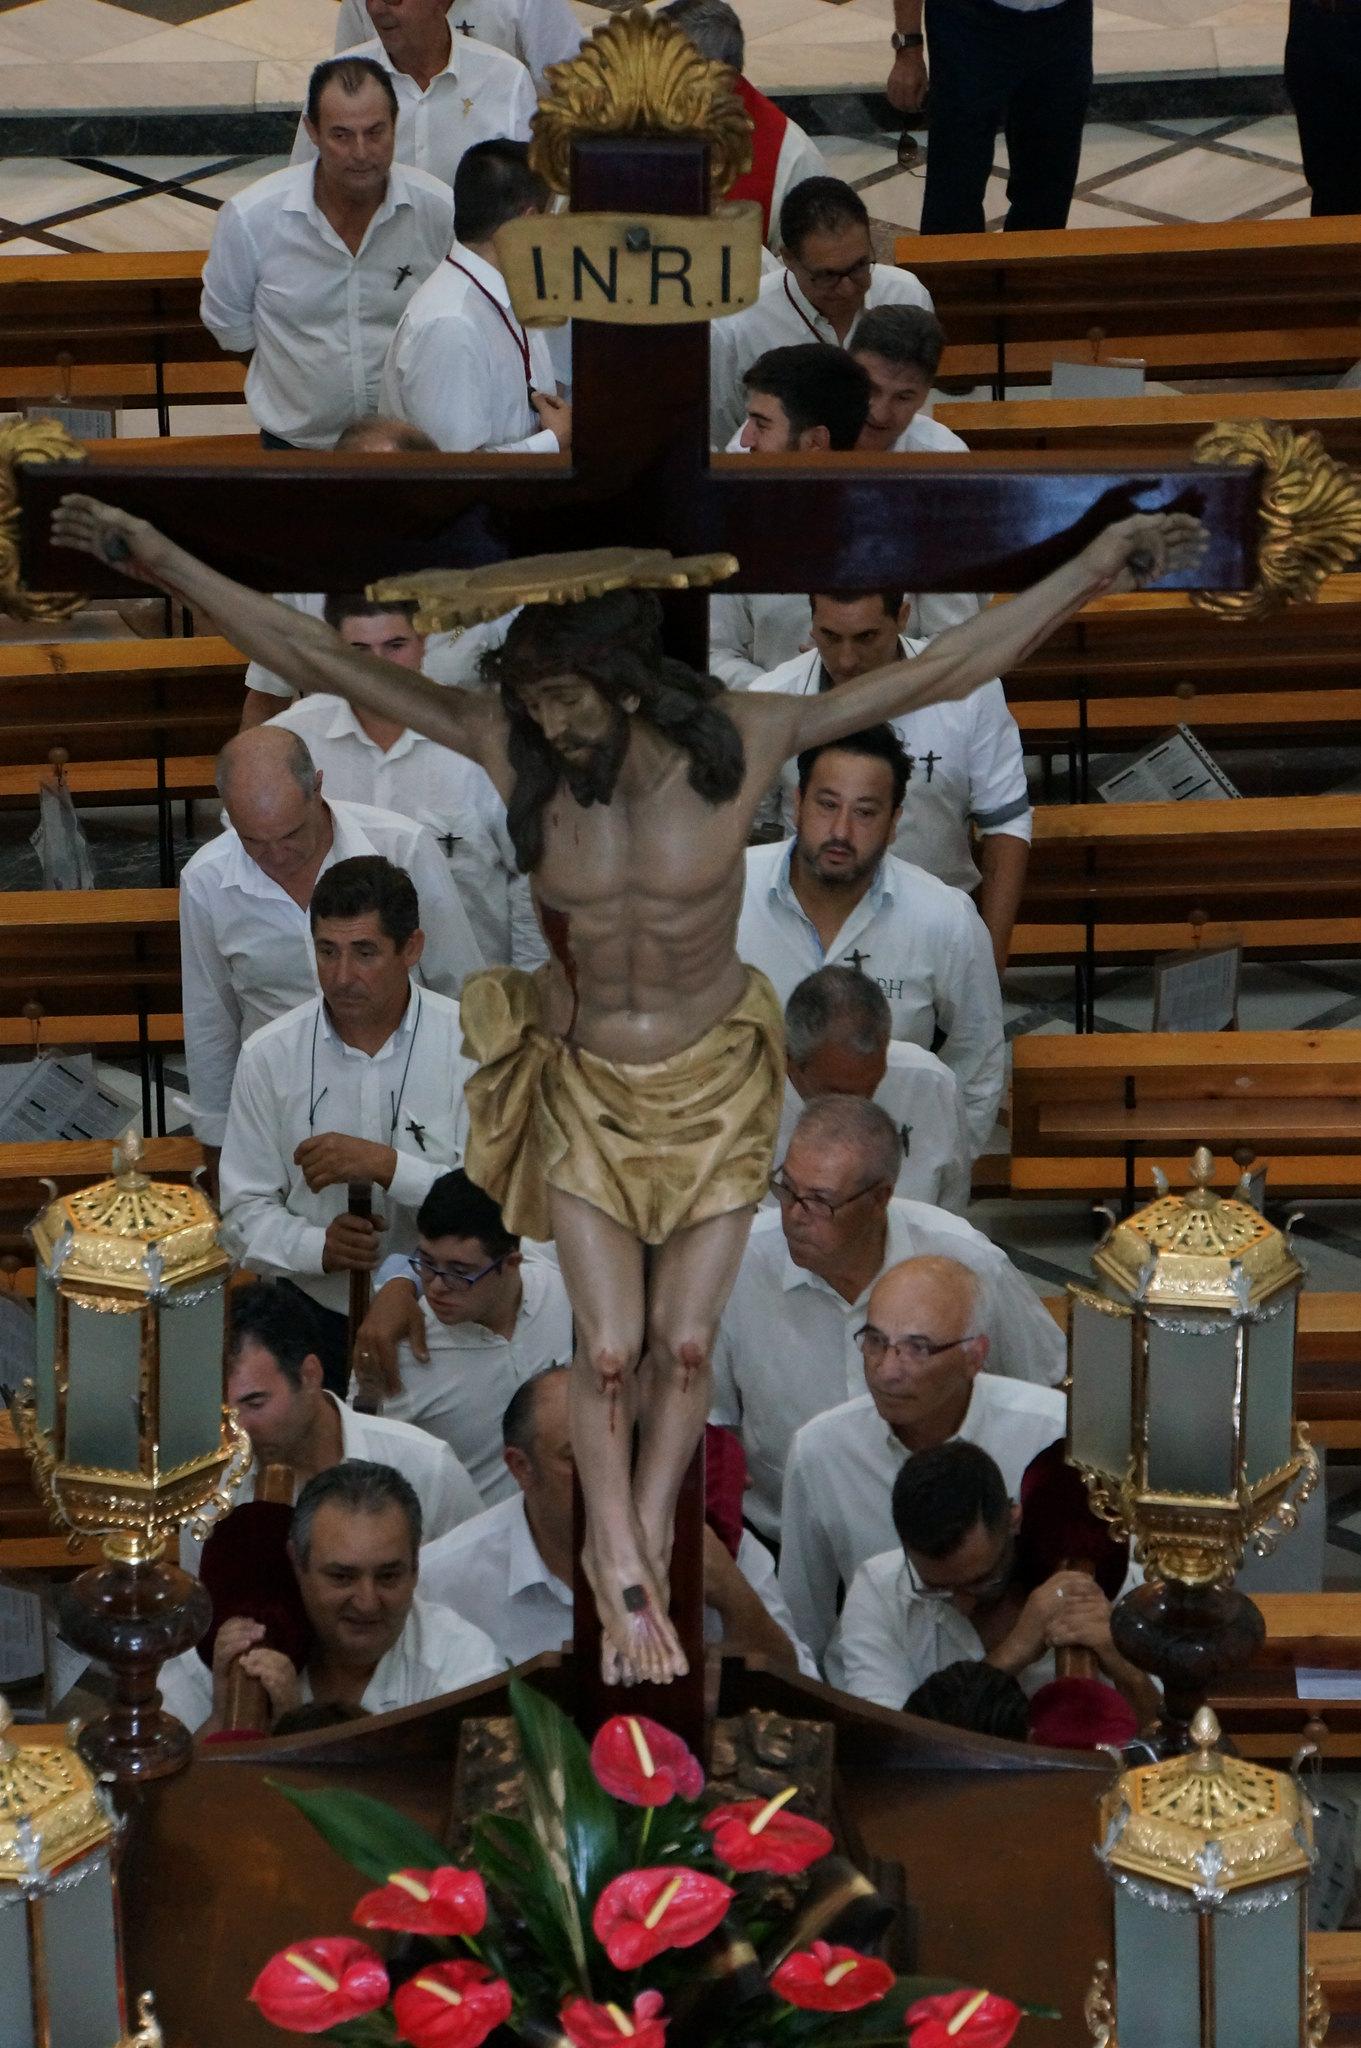 (2017-07-03) - Eucaristía subida del Cristo - Paqui Reig Aracill (61)